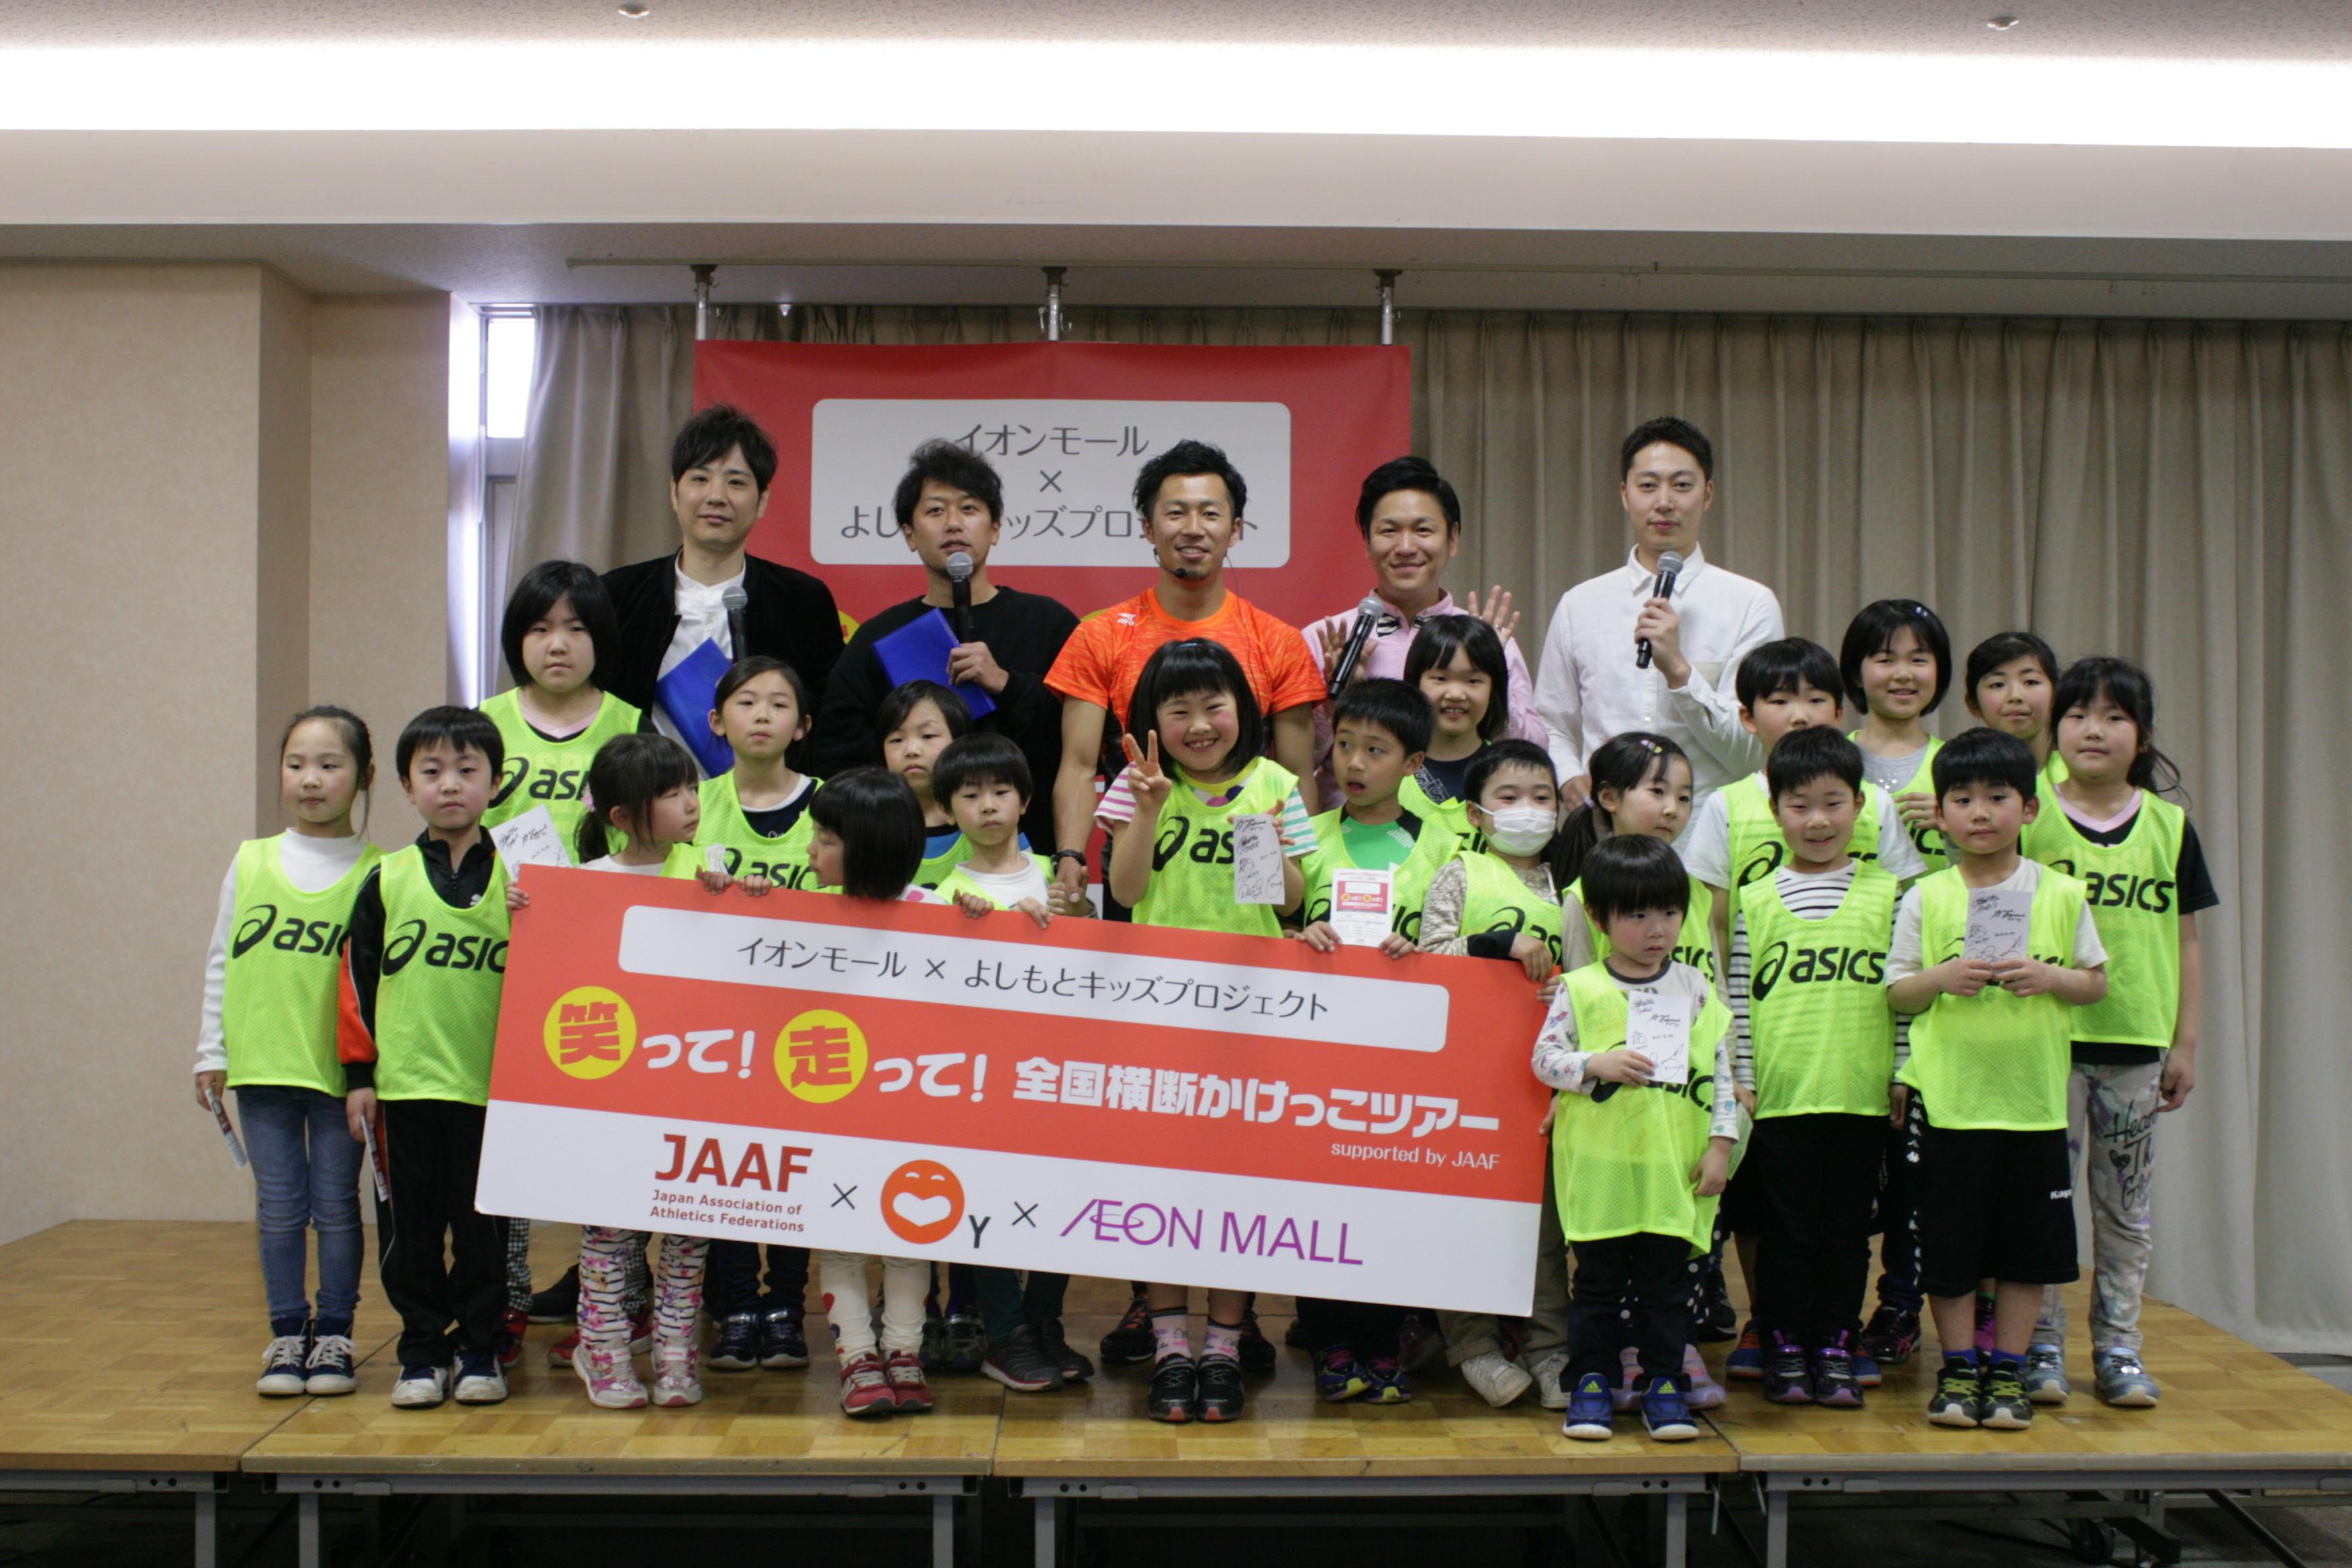 http://news.yoshimoto.co.jp/20170501180740-88da5835b04075efc87638e2b9a81f5b4d5db934.jpg